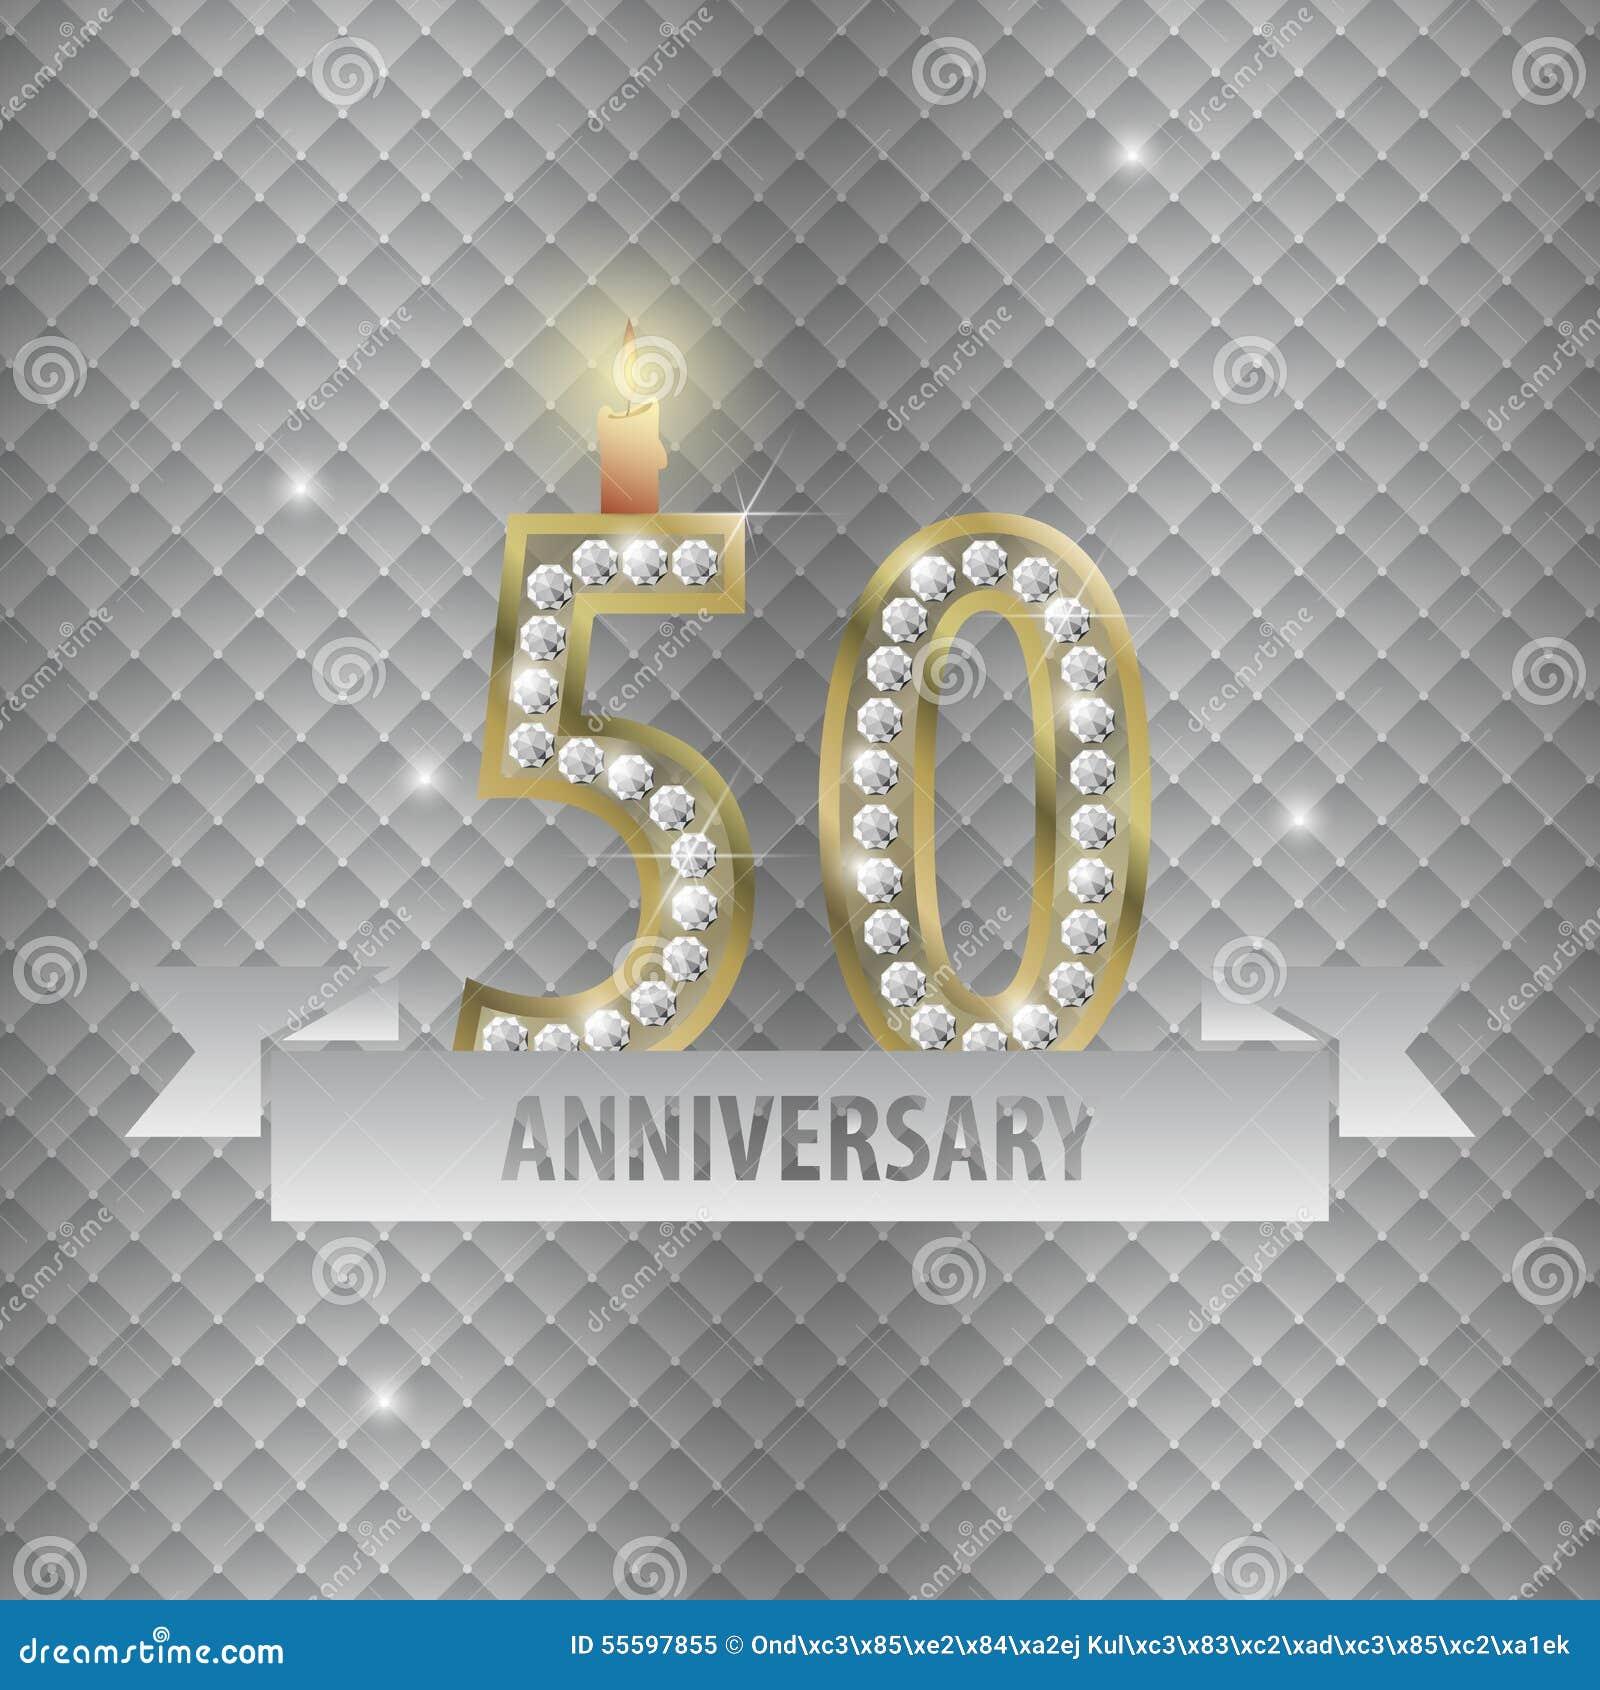 fira ett års dag Fira 50 år årsdag Guld  Stil Vektor Vektor Illustrationer  fira ett års dag